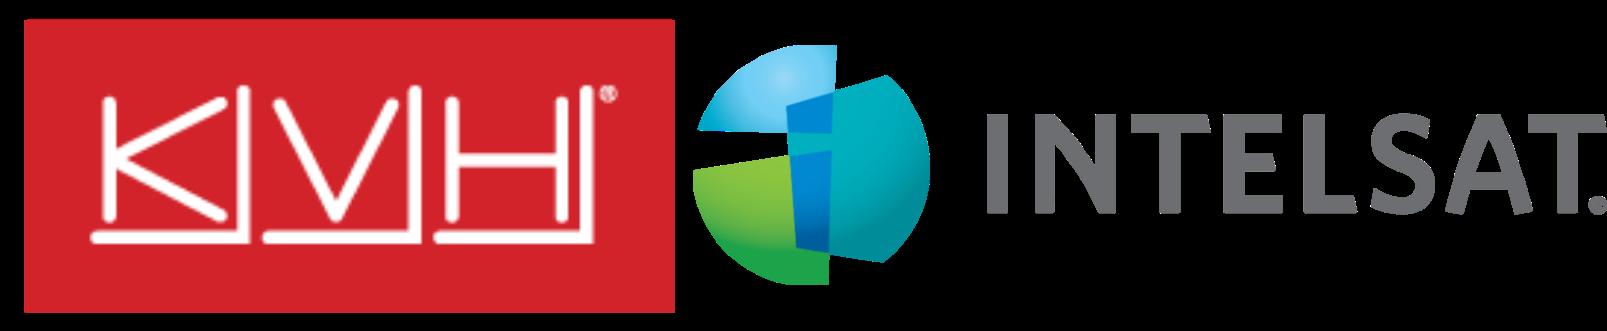 KVH / Intelsat